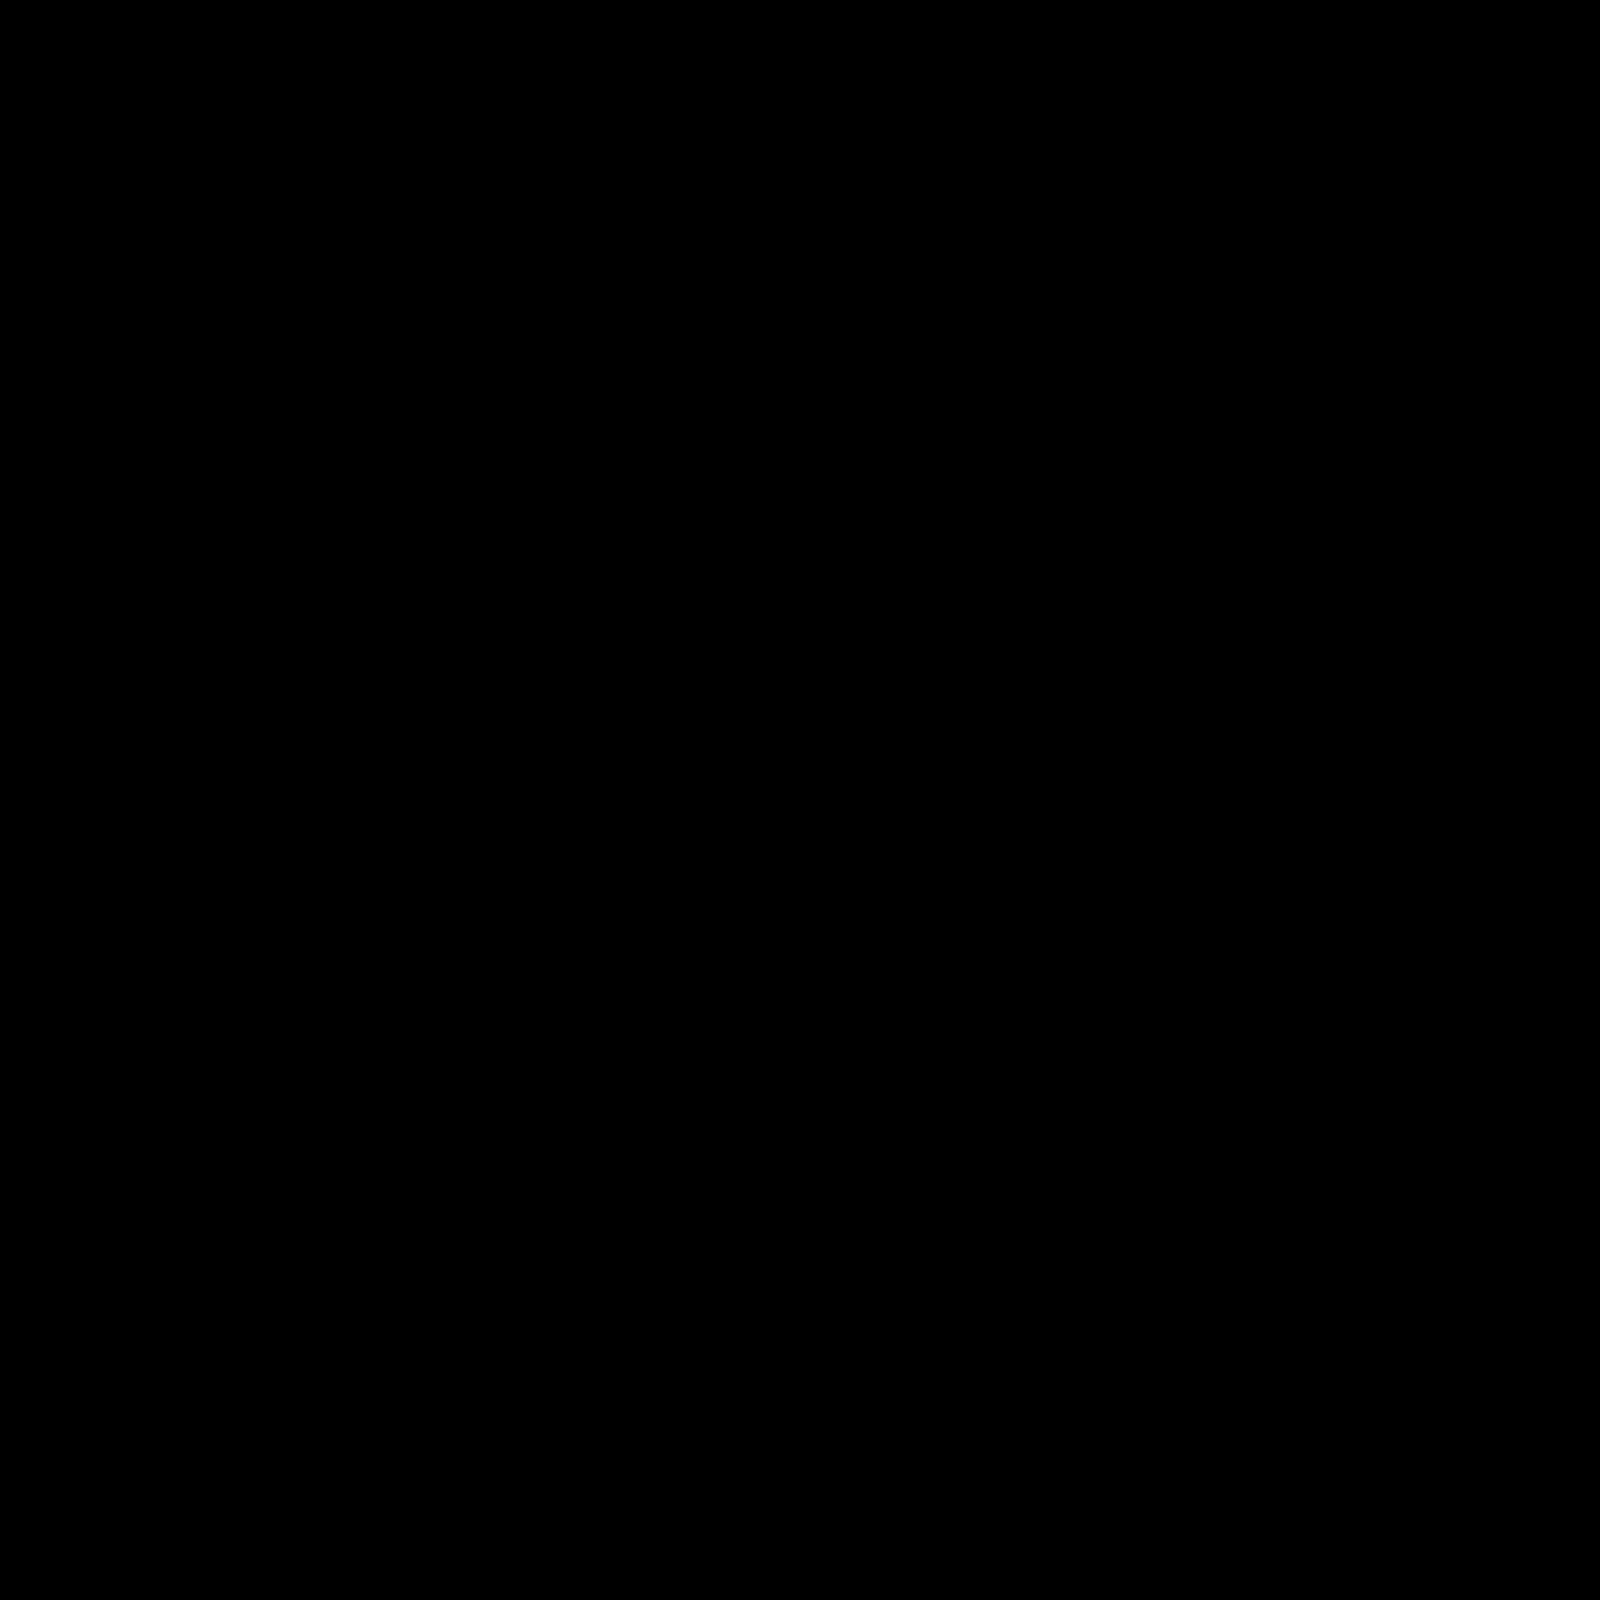 Poczta budowlana otwarta icon